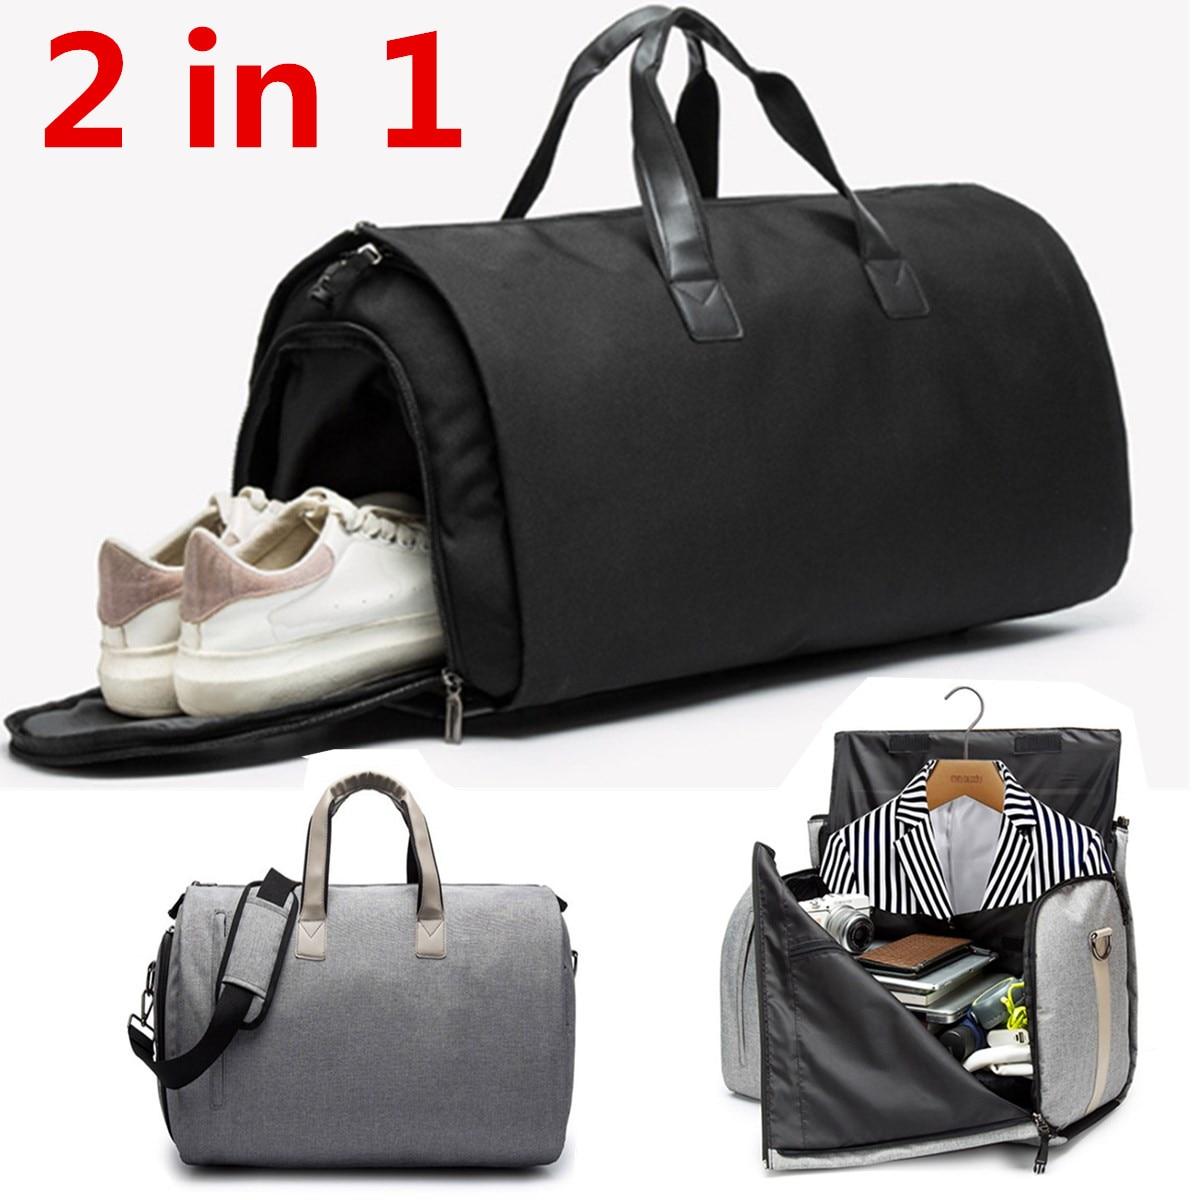 2 en 1 nouvelle grande capacité femmes voyage sac hommes week-end formation Fitness bagages chaussures stockage polochon fourre-tout loisirs sac à main